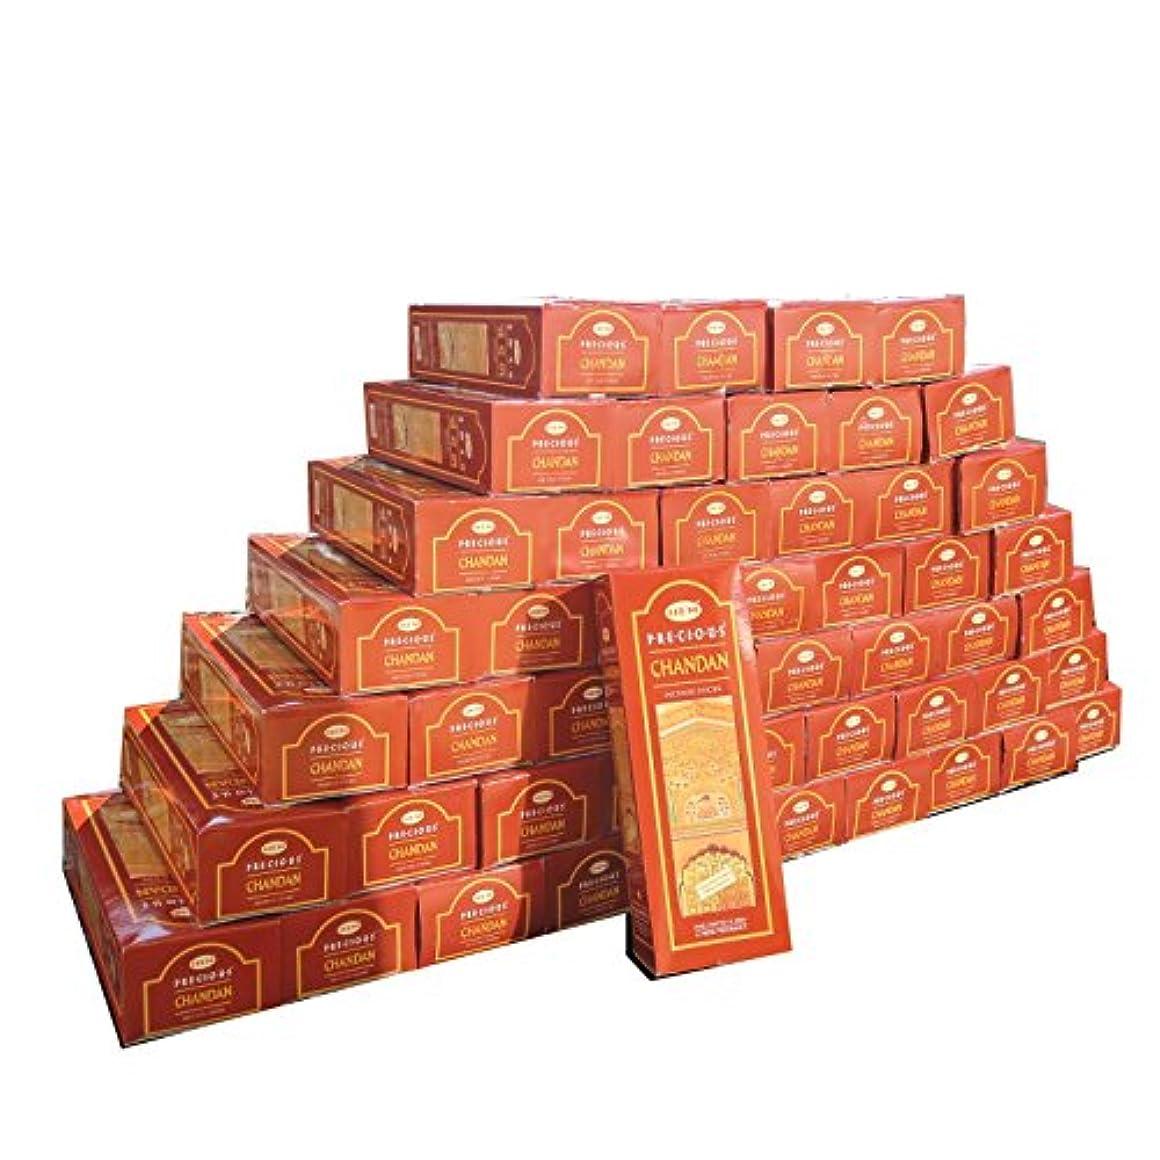 差別的ワークショップ指定業務用 インドスティック形お香 プレシャスチャンダン 300箱入り